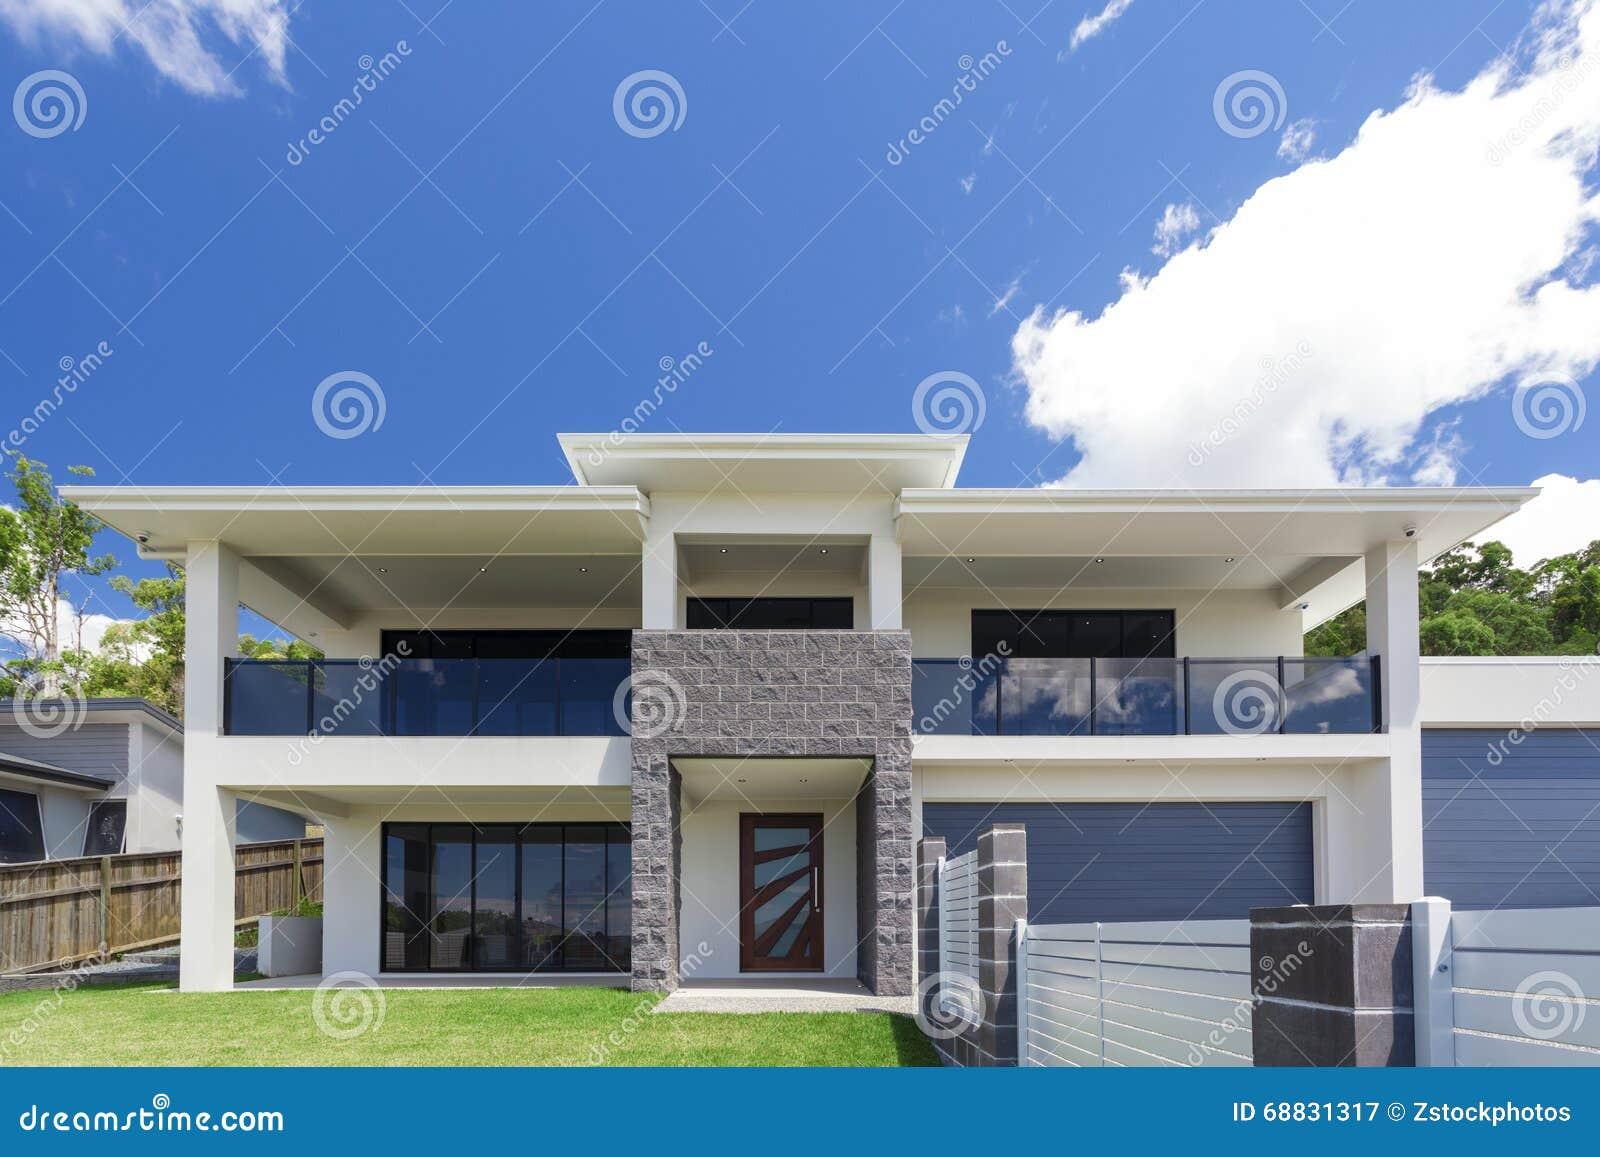 Extérieur Moderne De Maison Image stock - Image du réel, extérieur ...